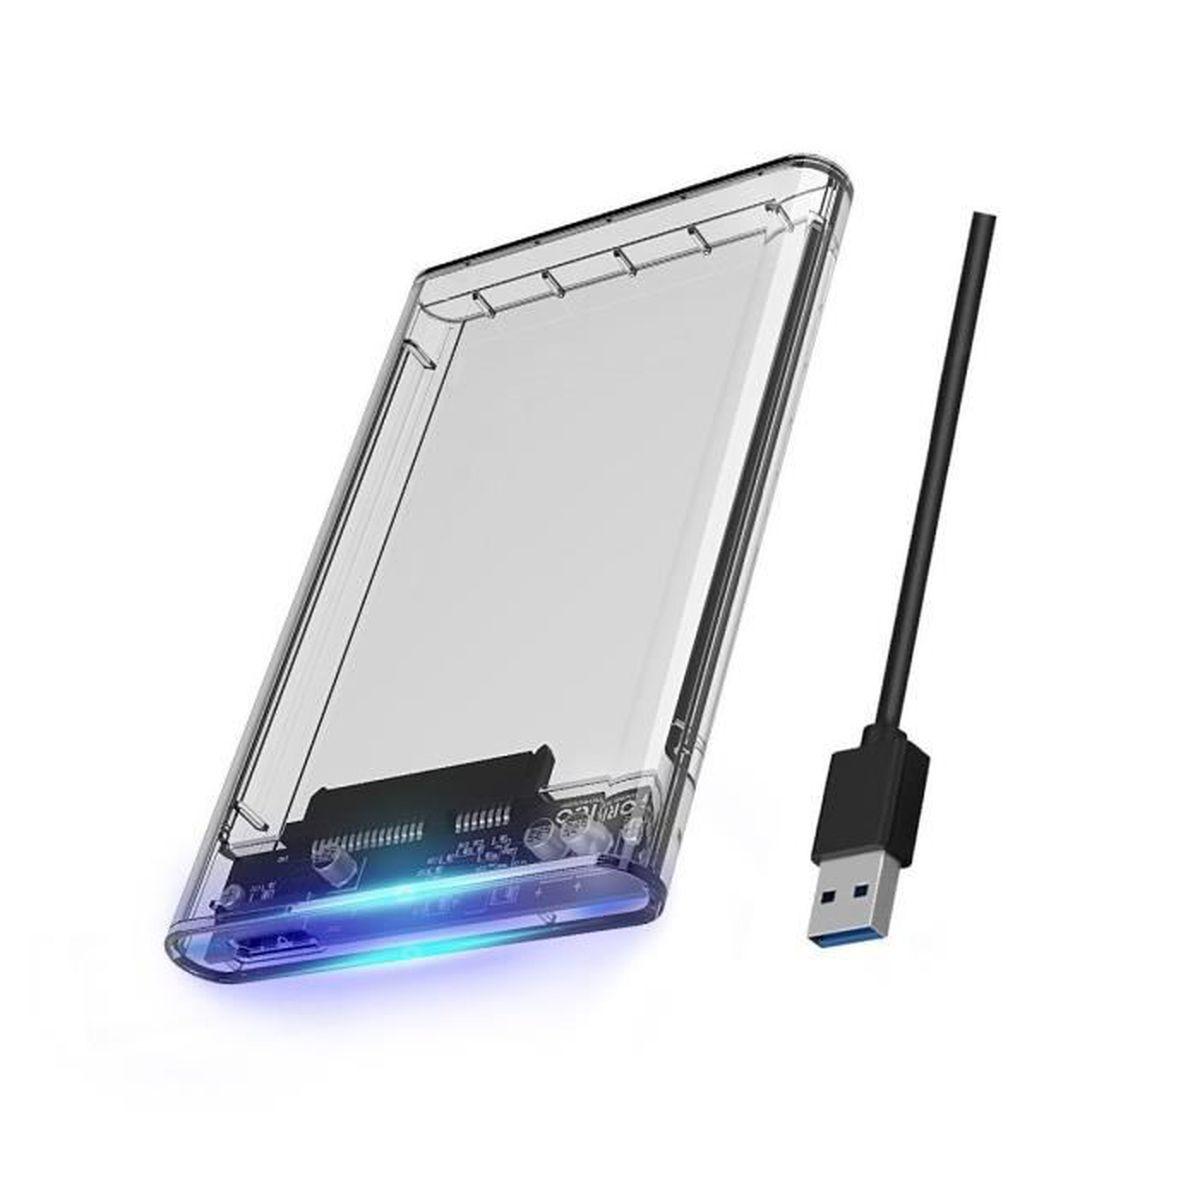 """USB 3.0 Boitier Externe pour Disque Dur 2,5/"""" SATA III 6Gb//s pour HDD et SSD"""